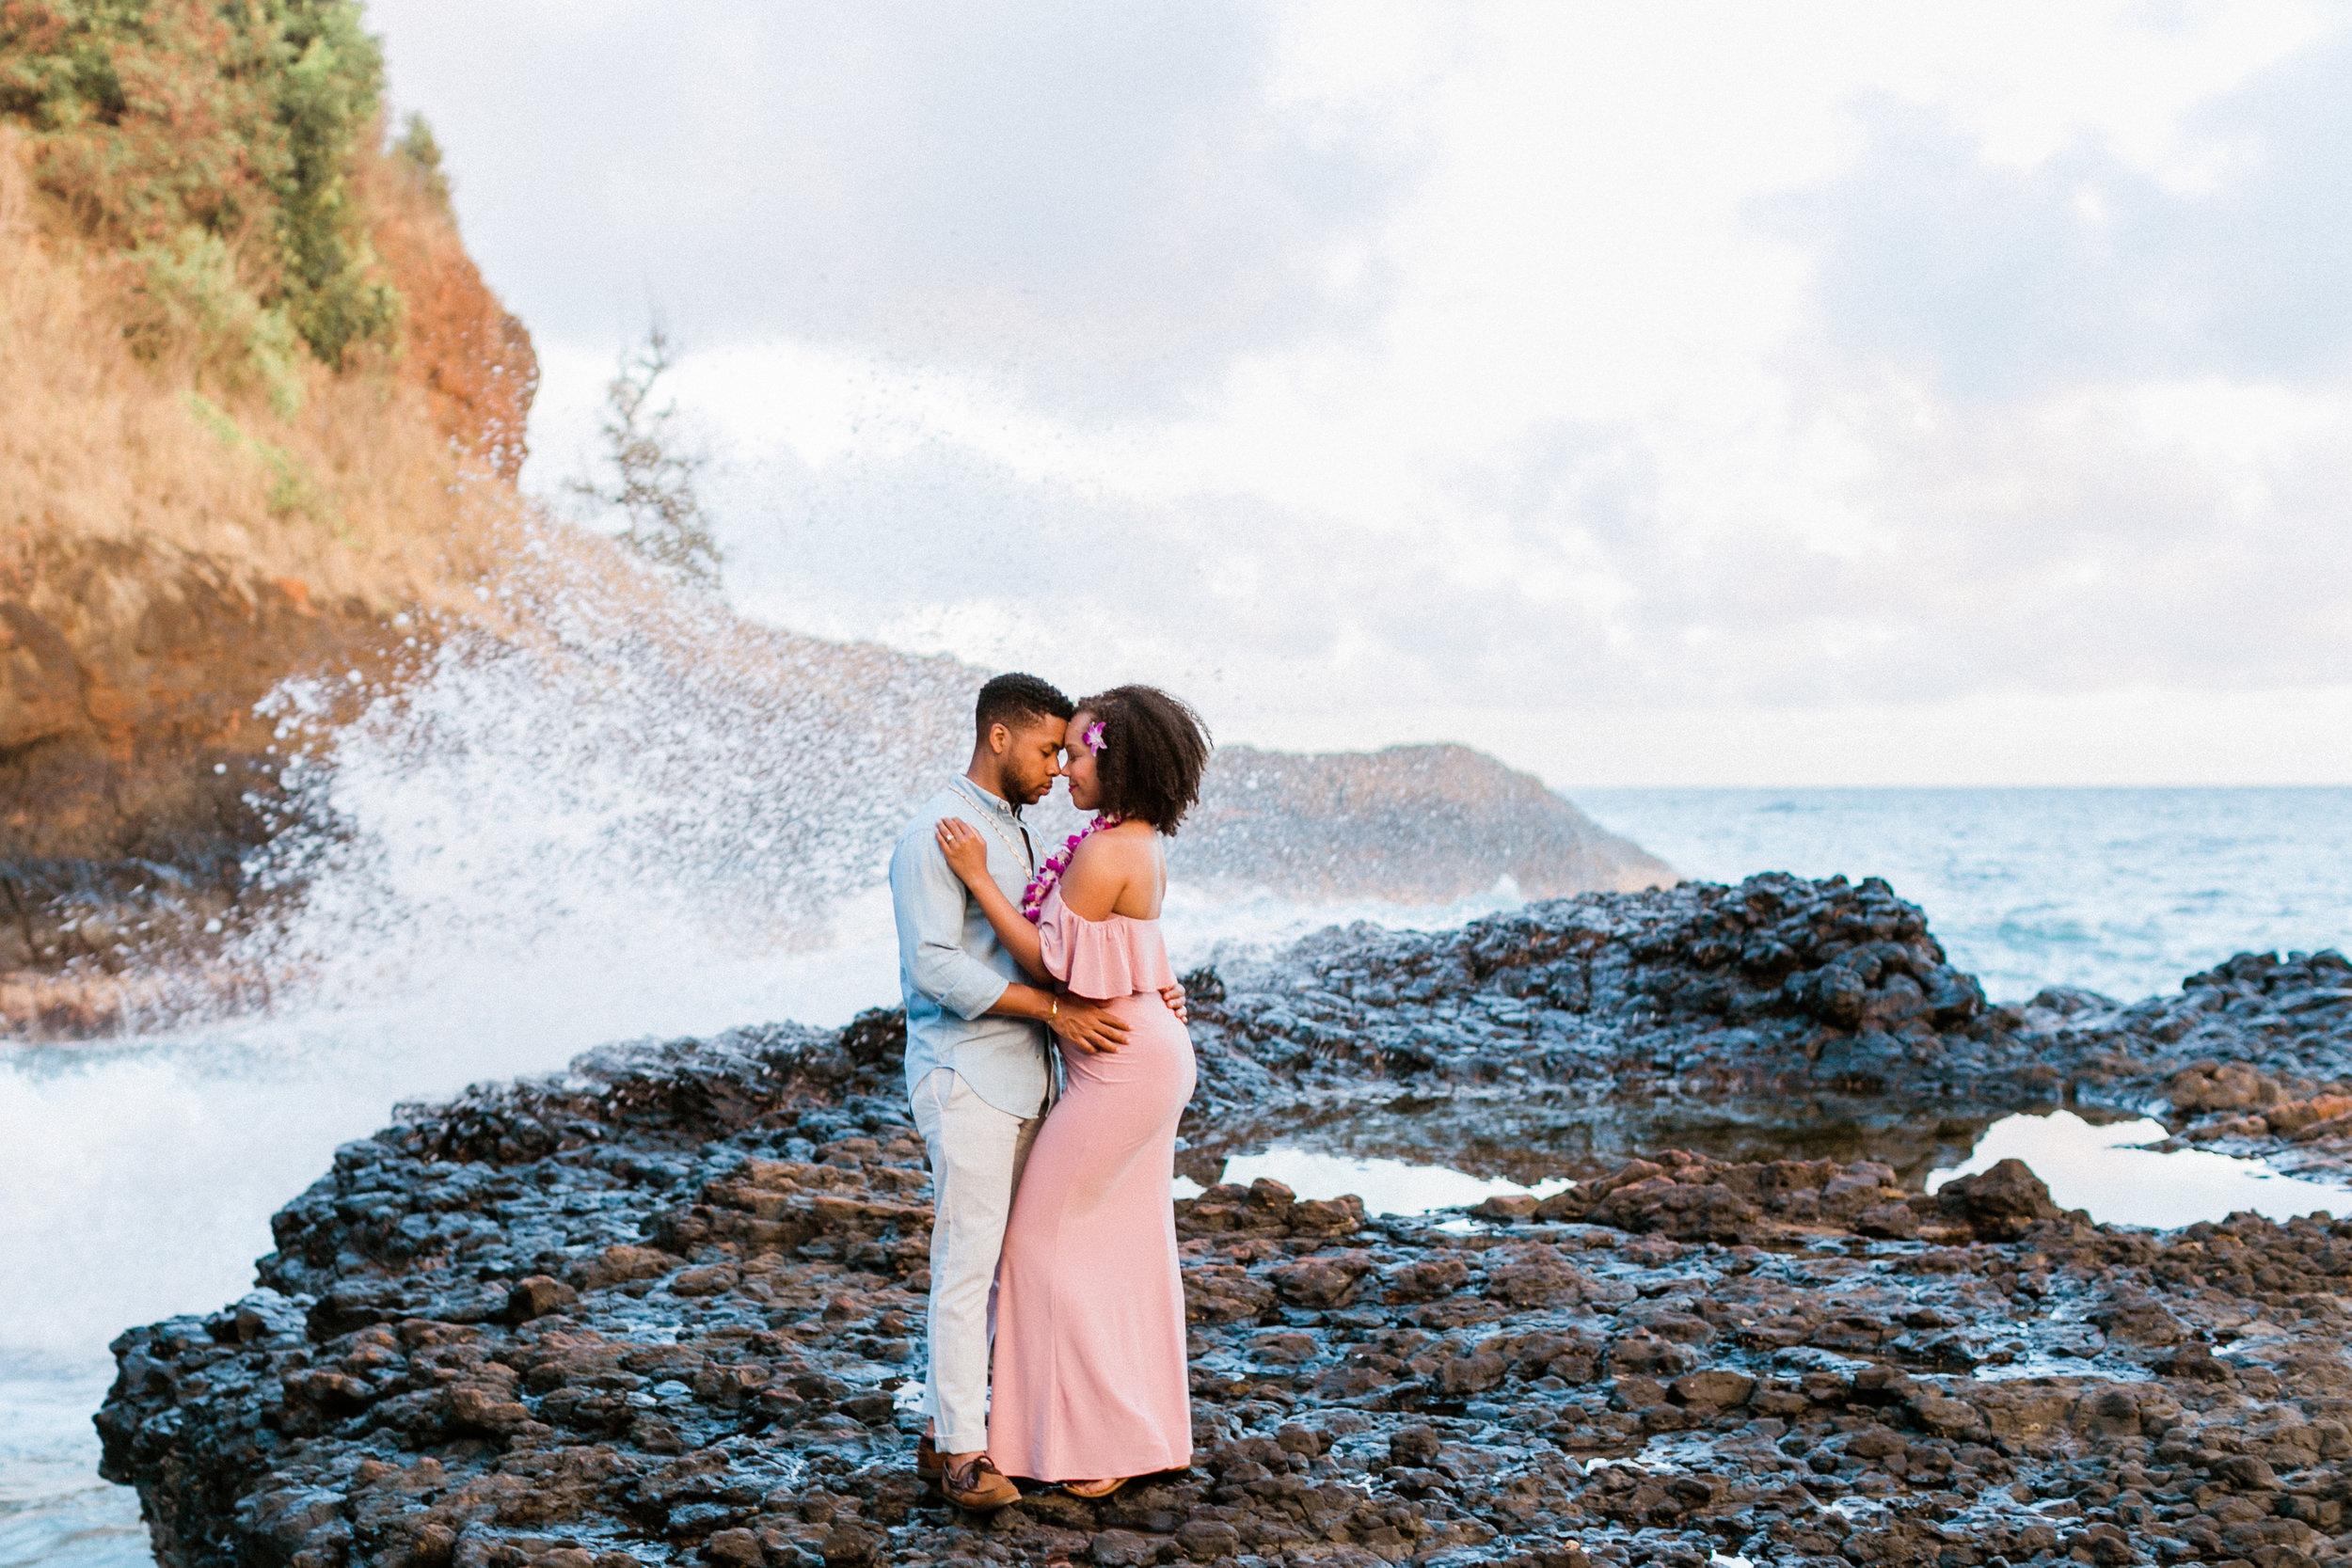 asher-gardner-hawaii-engagement-00009.jpg